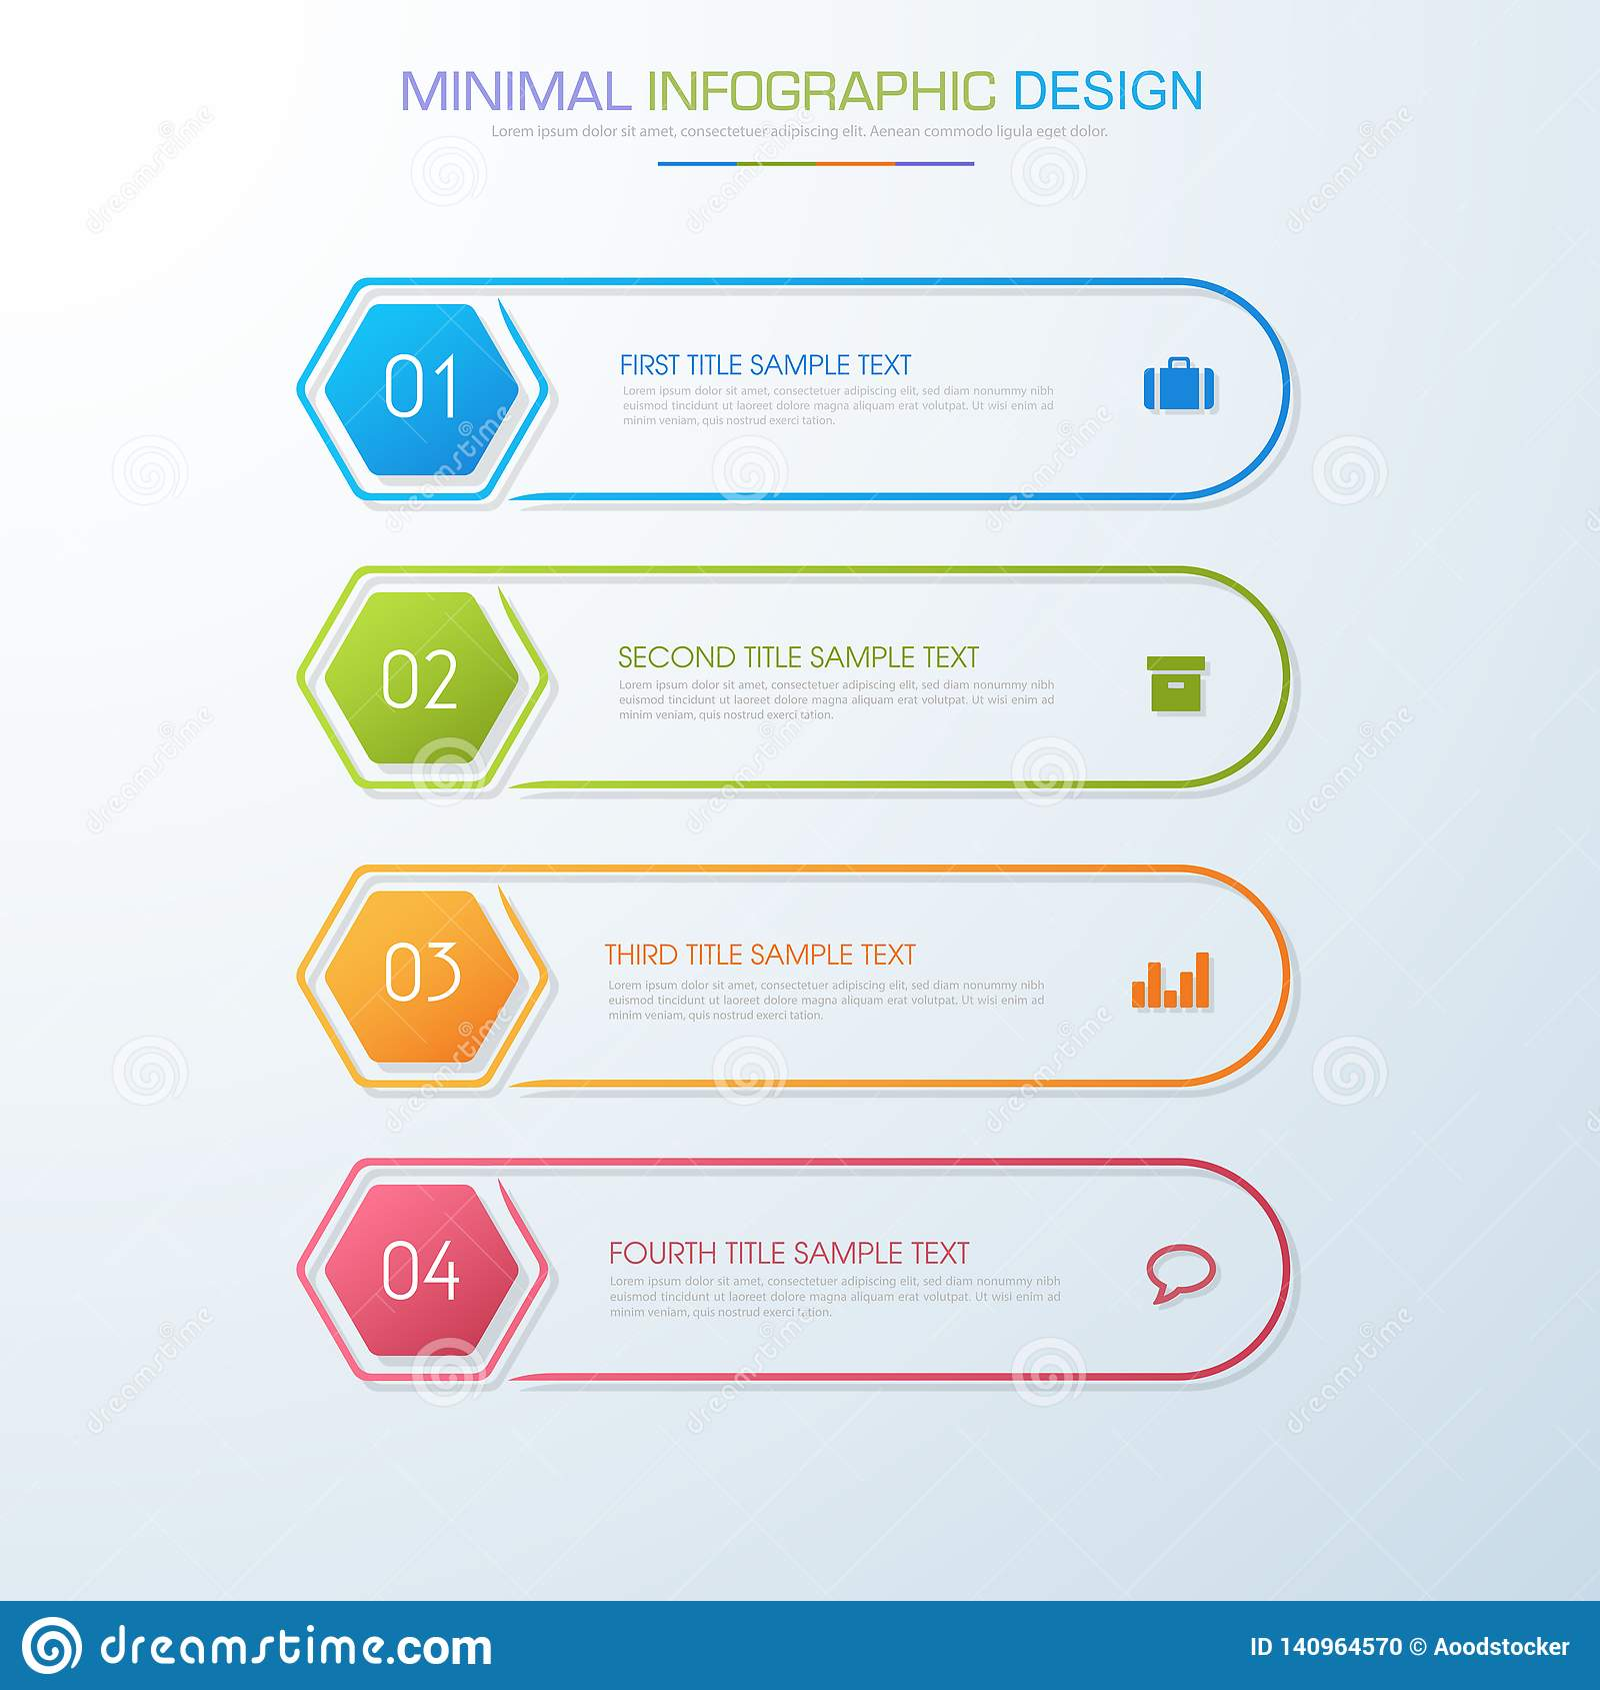 Τα στοιχεία Infographic με το επιχειρησιακό εικονίδιο στο πλήρες υπόβαθρο χρώματος επεξεργάζονται ή ροής της δουλειάς βημάτων και